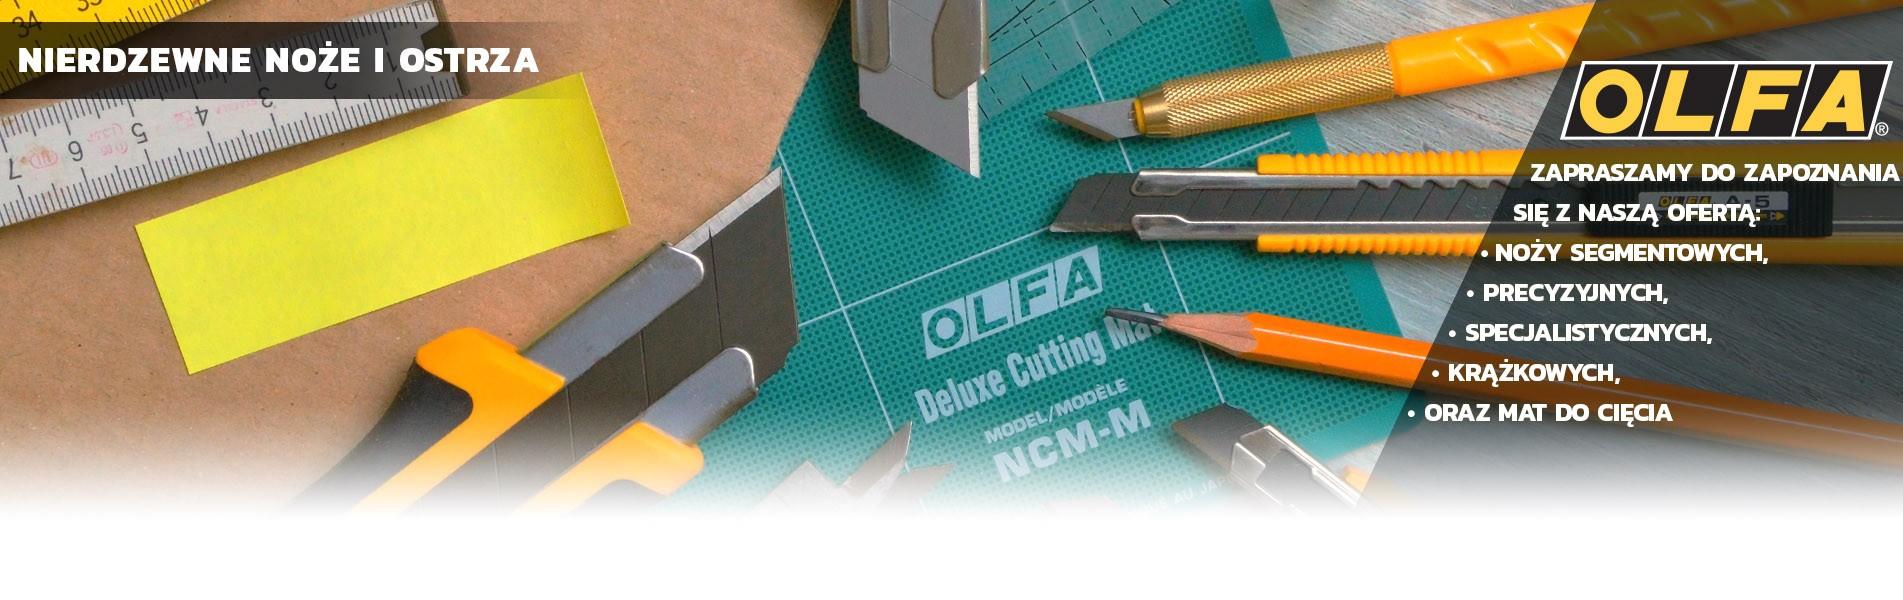 Zapraszamy do zapoznania się z ofertą producenta OLFA